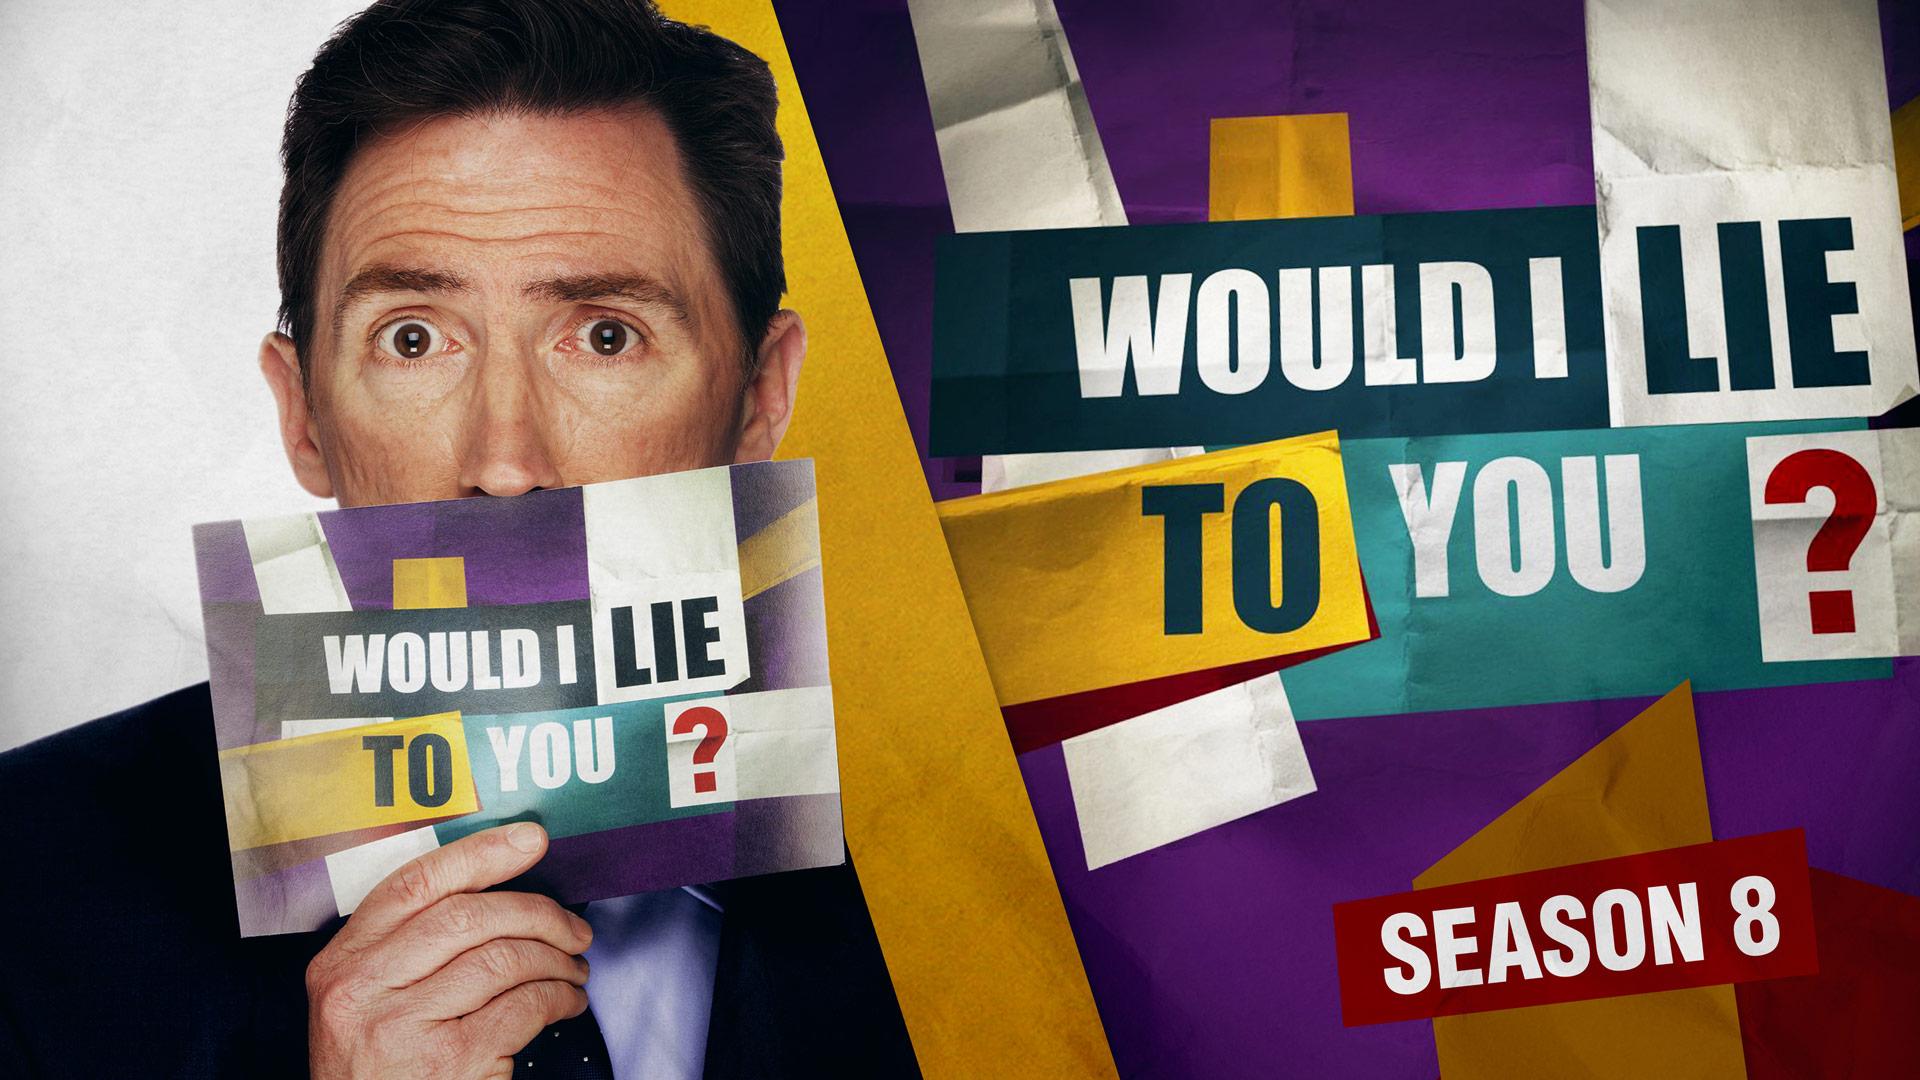 Would I Lie to You? Season 8